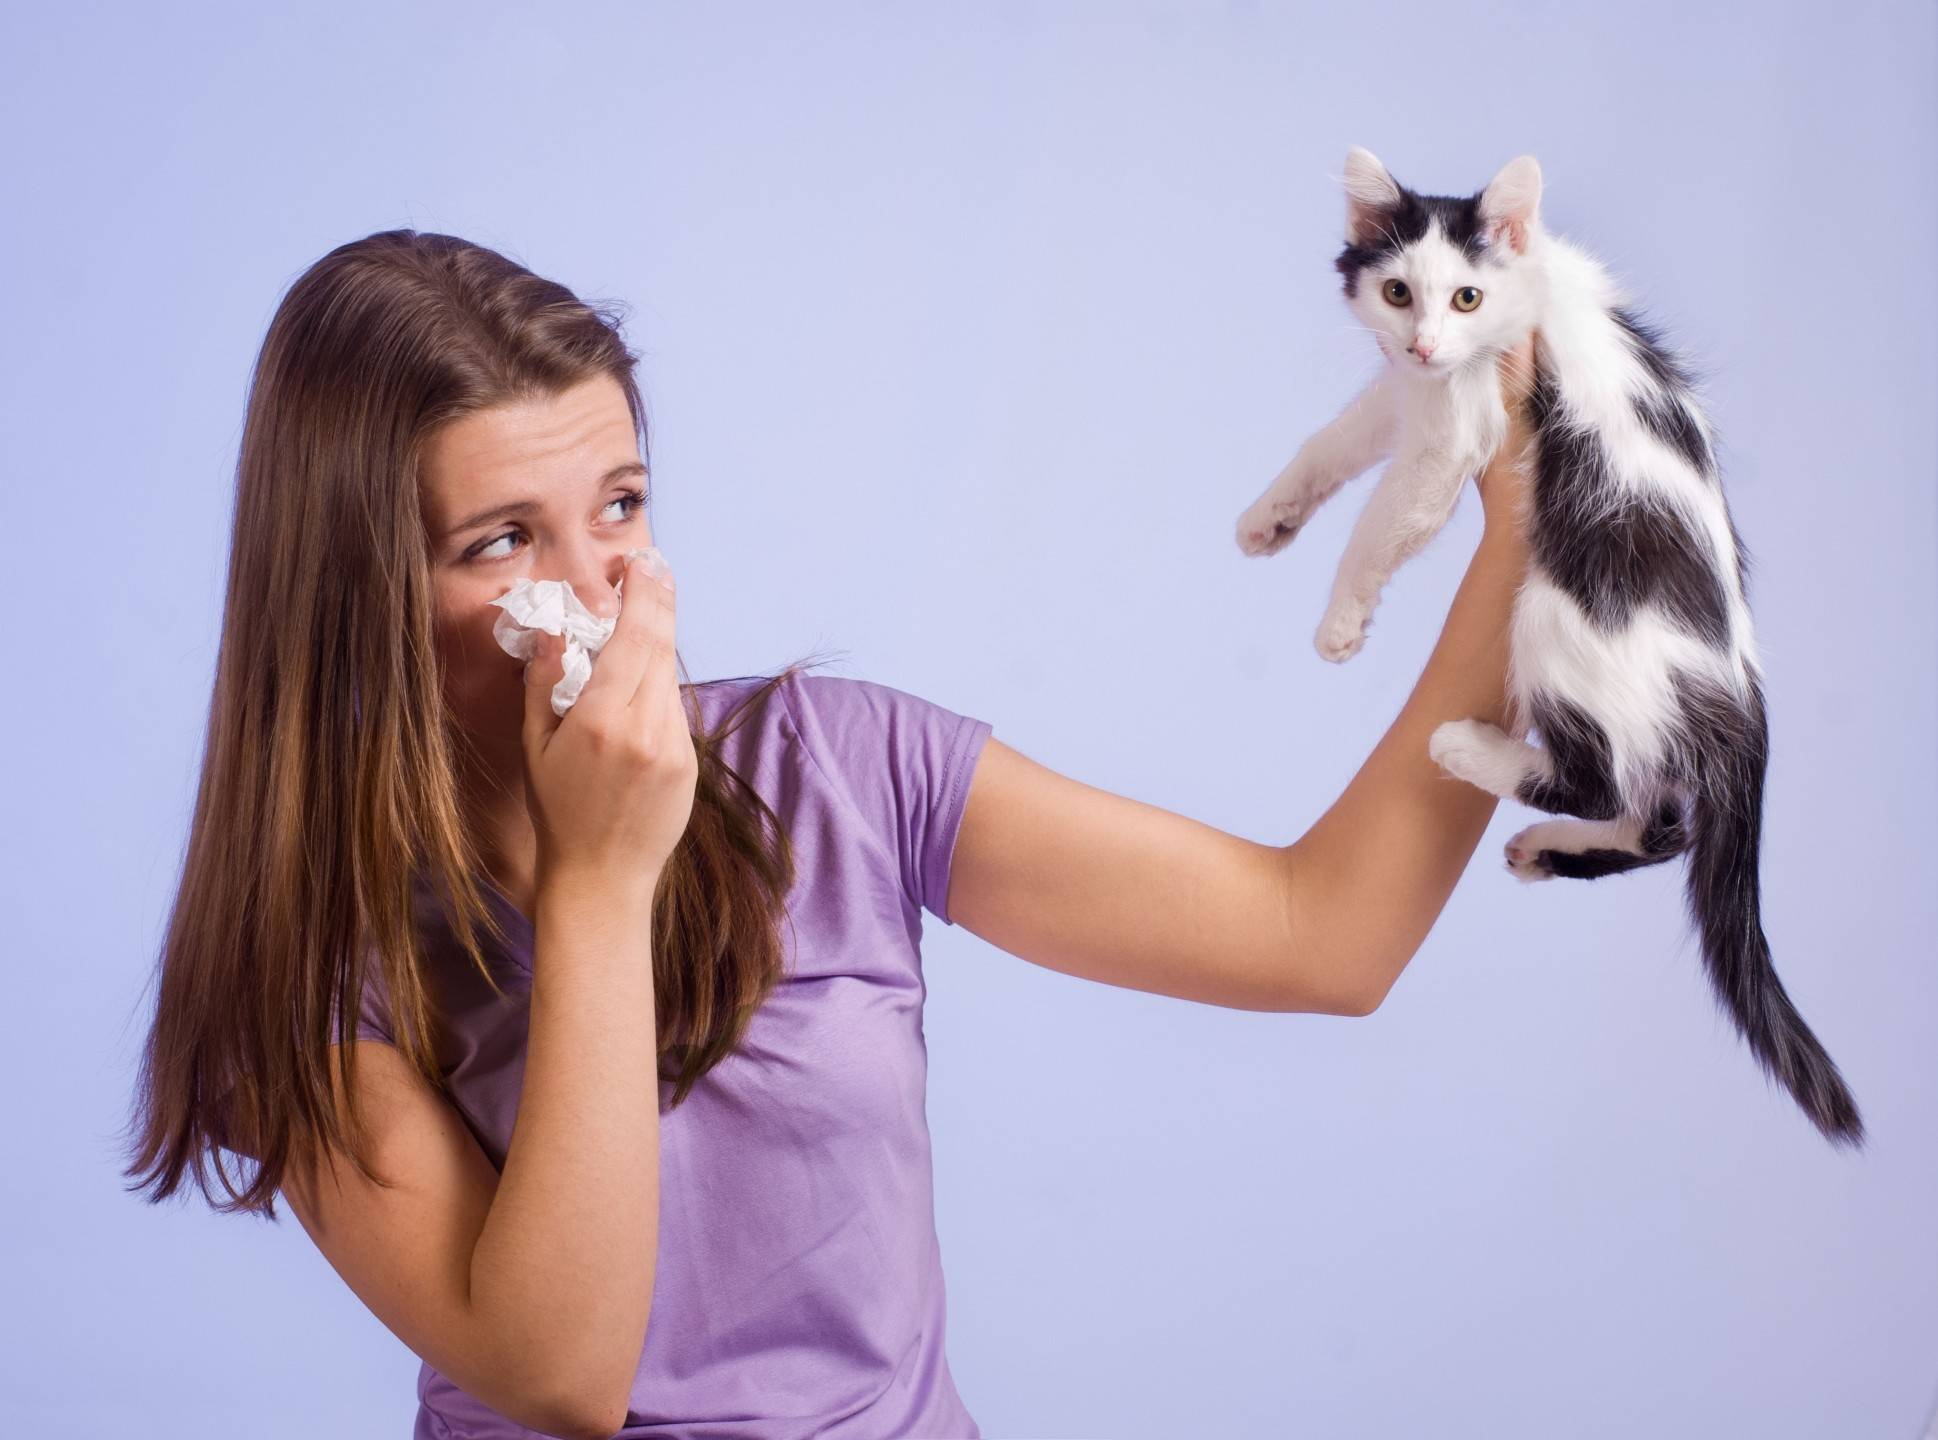 У сына сильнейшая аллергия на кошек... - спроси у бывалых - страна мам